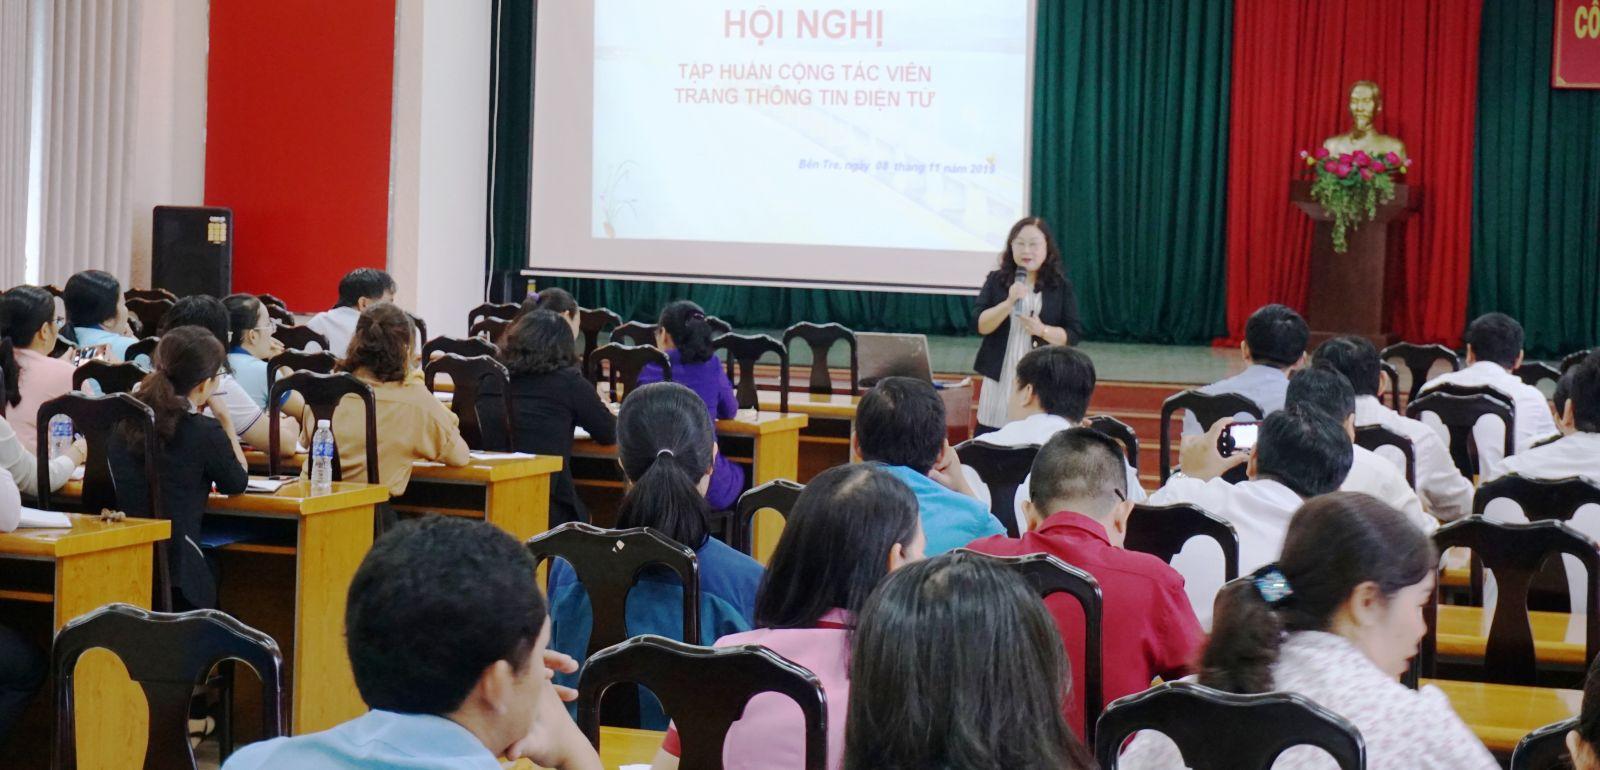 Phó bí thư Đảng ủy Khối Đỗ Thị Mai triển khai kỹ năng viết tin, bài cộng tác cho website.